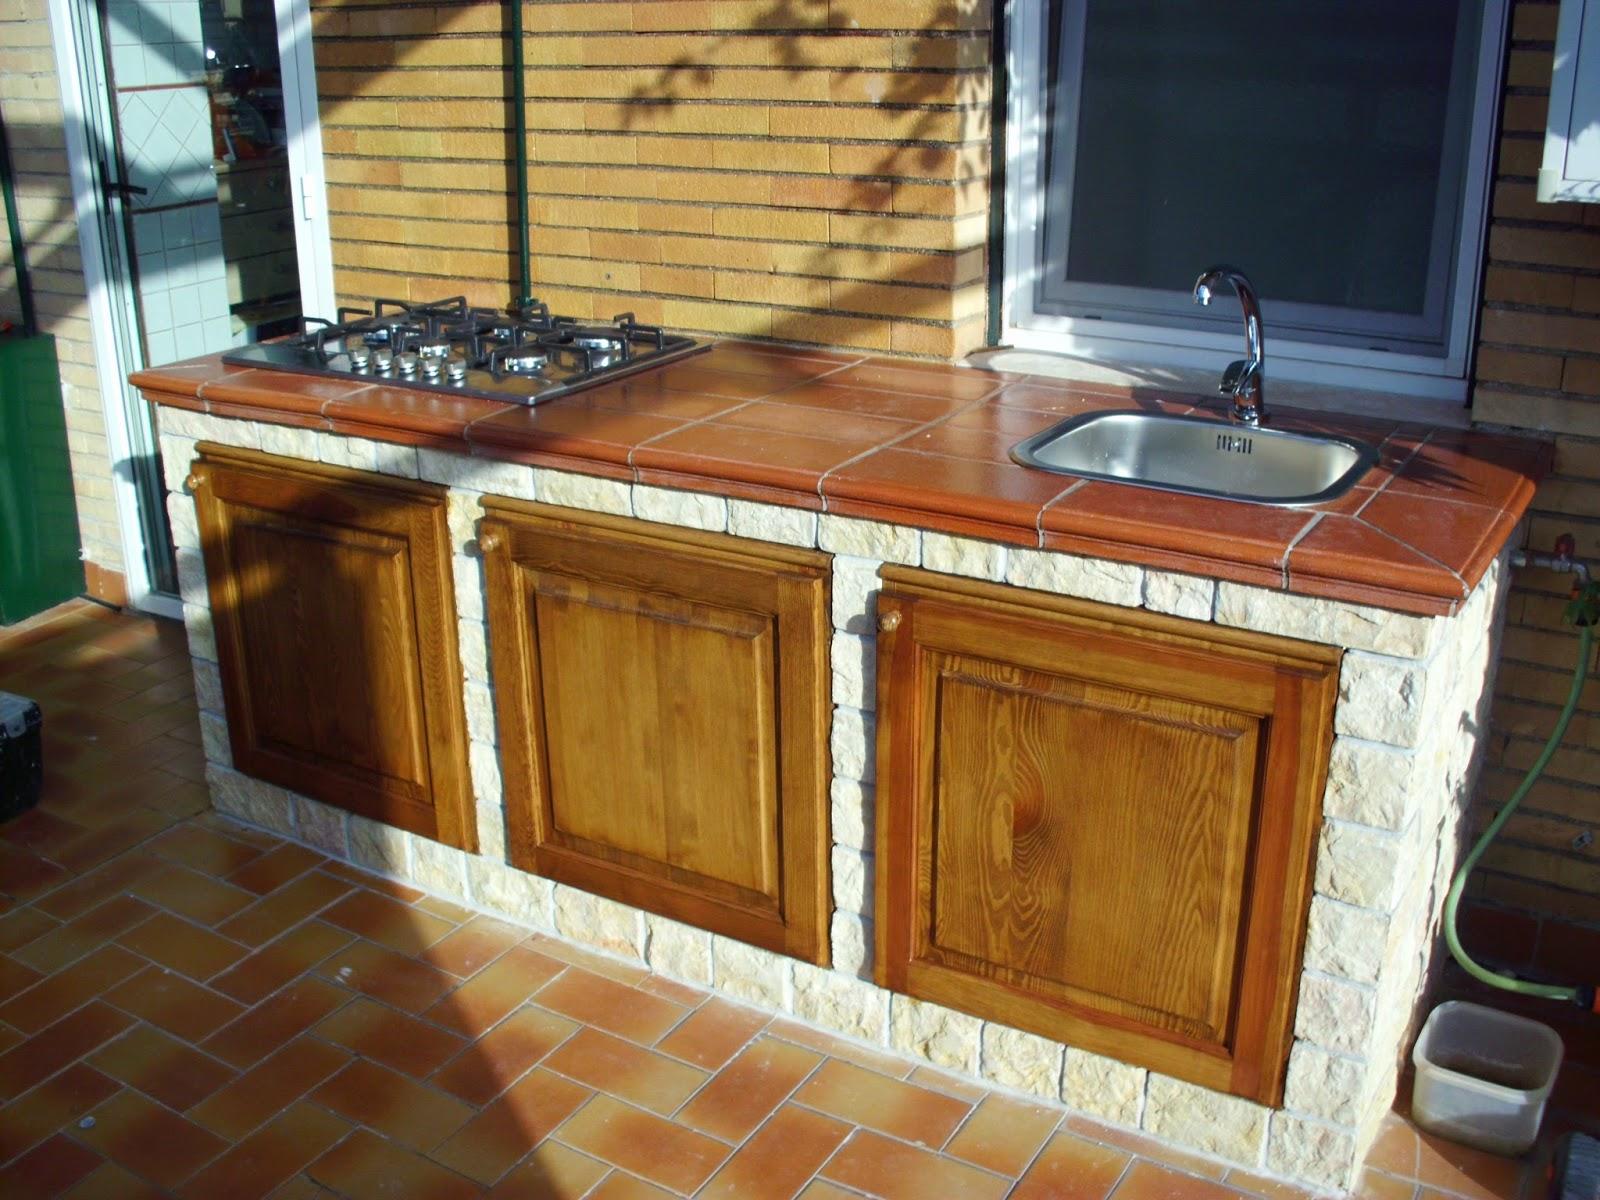 Edilizia roma ristrutturazioni edilizia ro ma s n c for Mobili per cucine in muratura fai da te